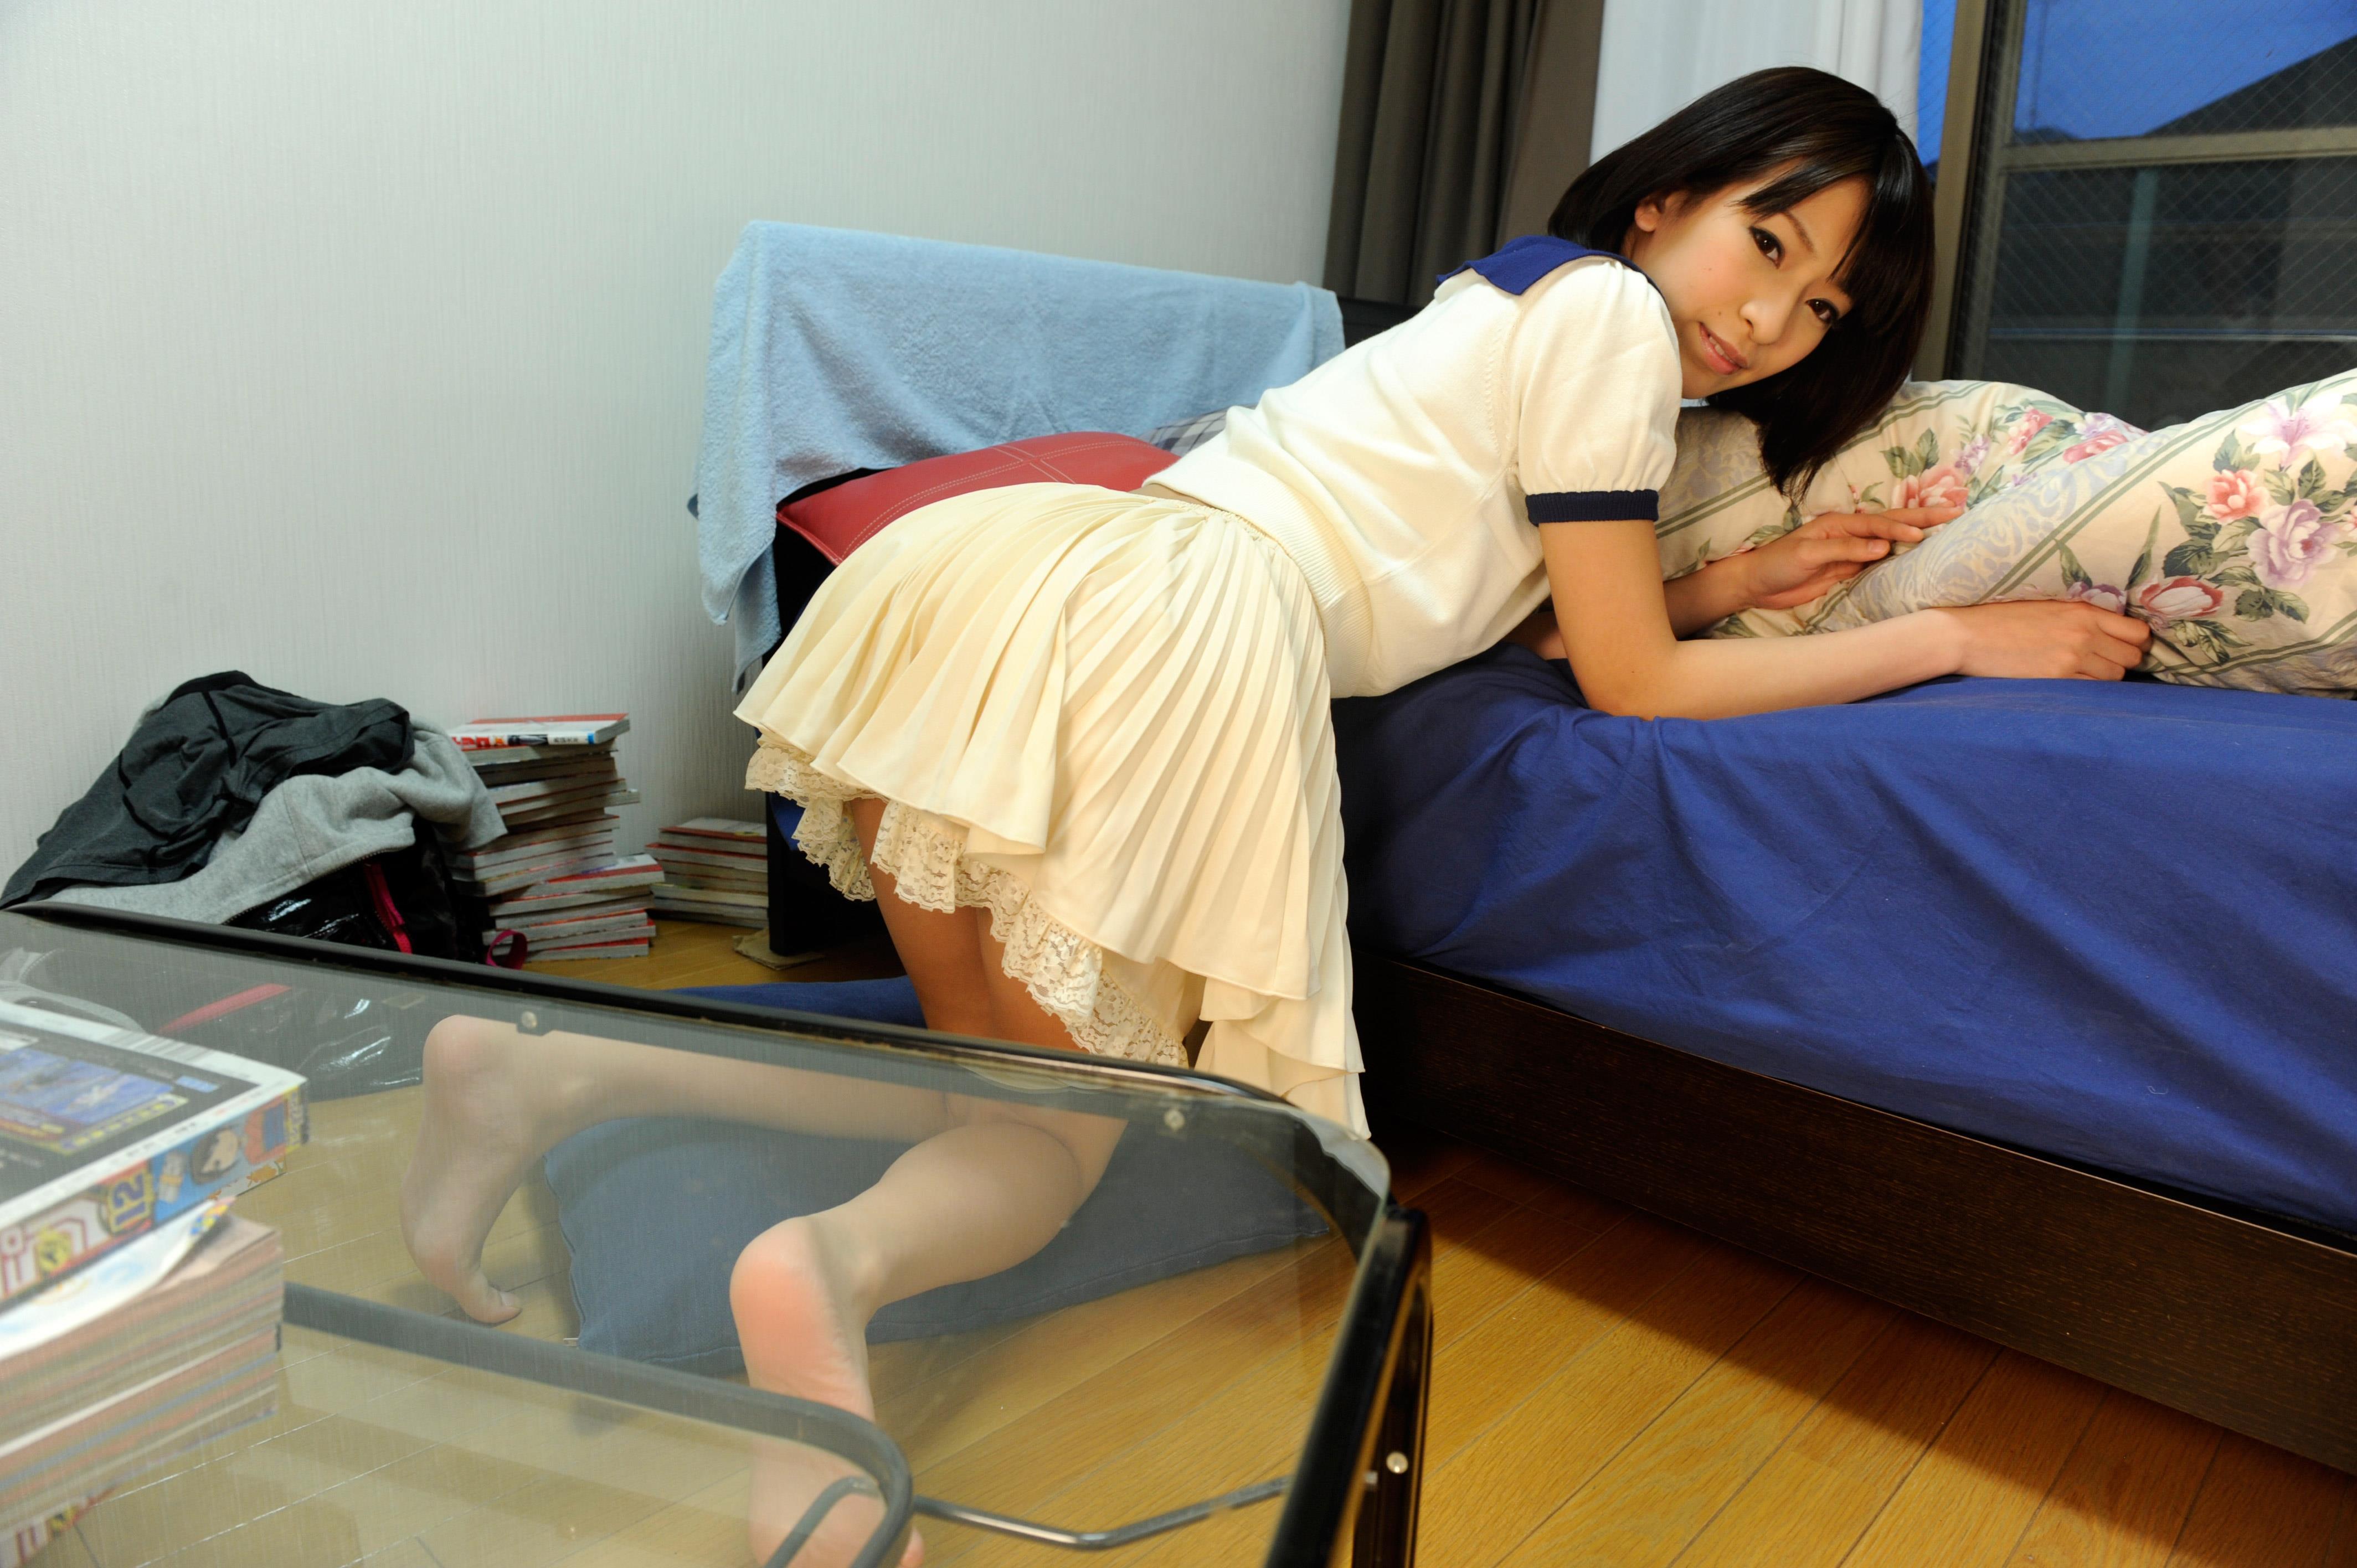 成宮ルリ セックス画像 80